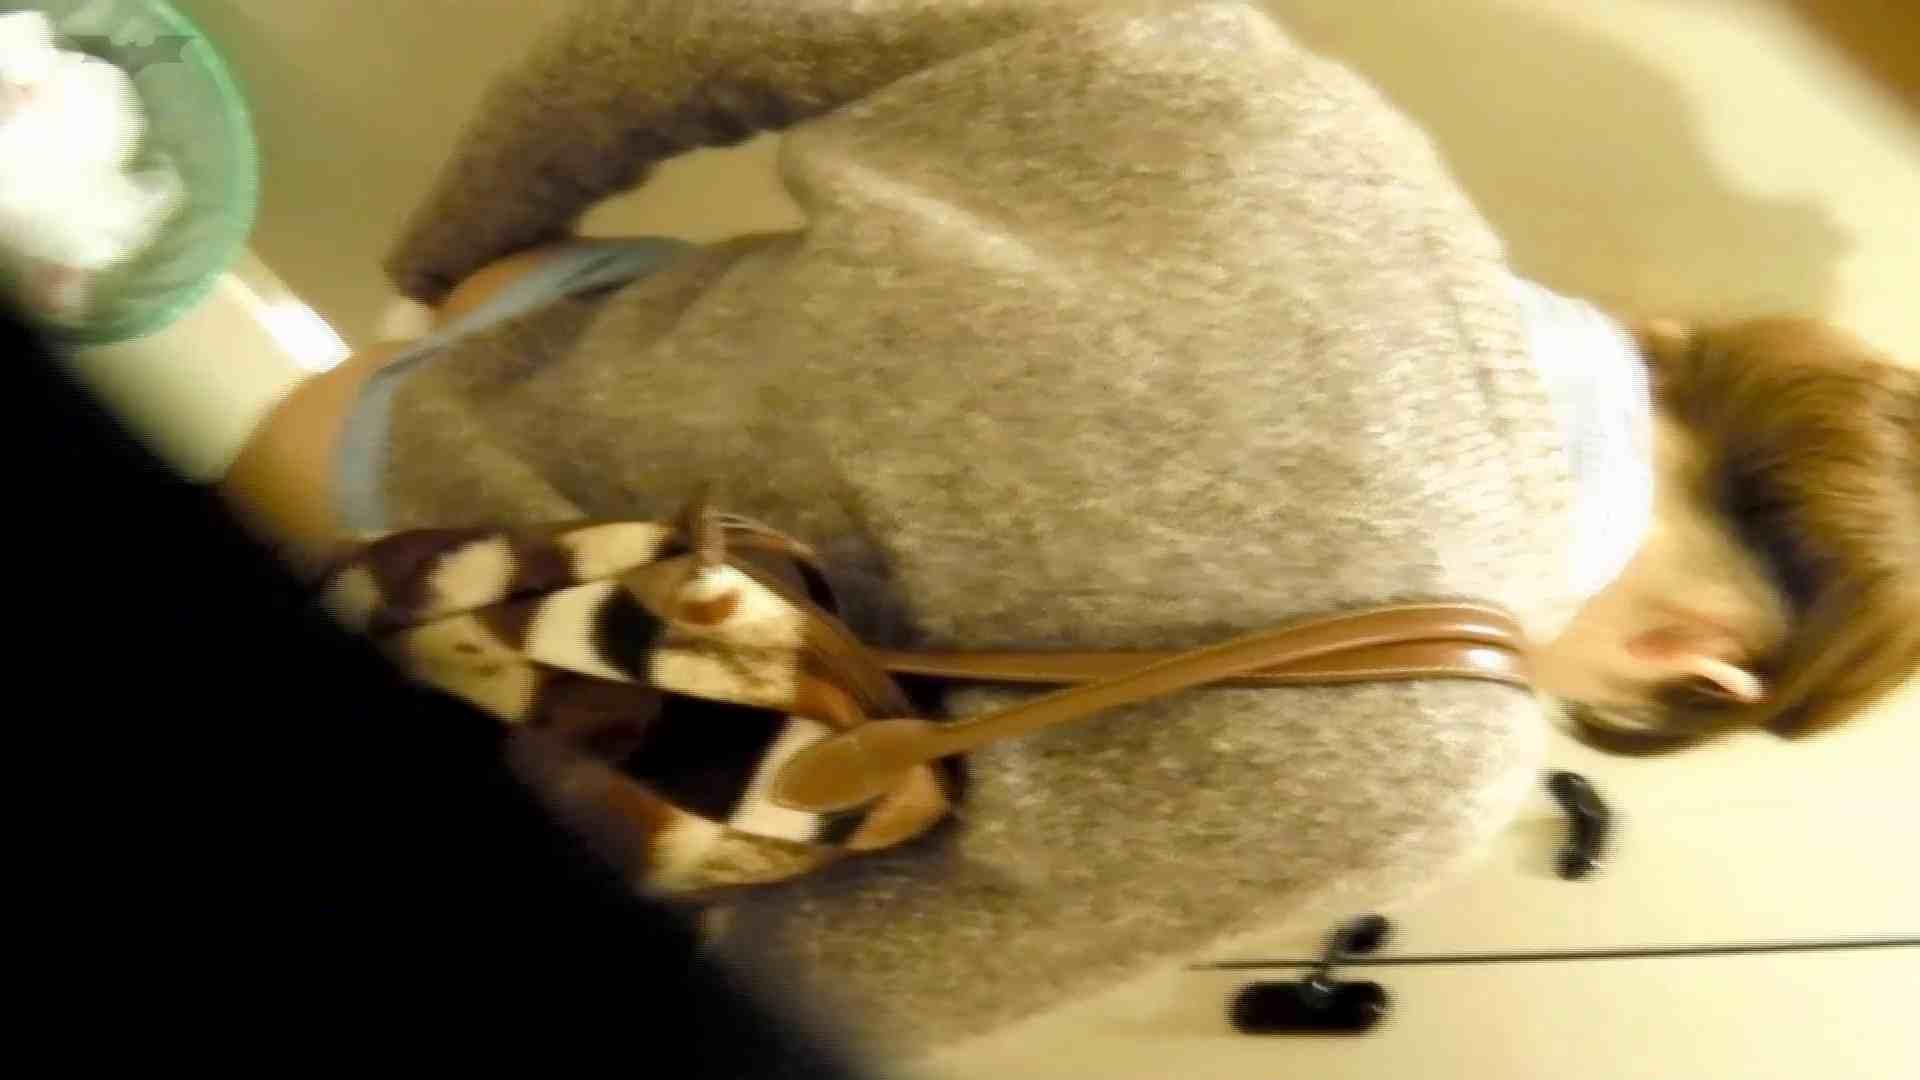 新世界の射窓 No78 トリンドル 玲奈似登場シリーズ美女率最高作! 高画質 AV動画キャプチャ 103画像 82